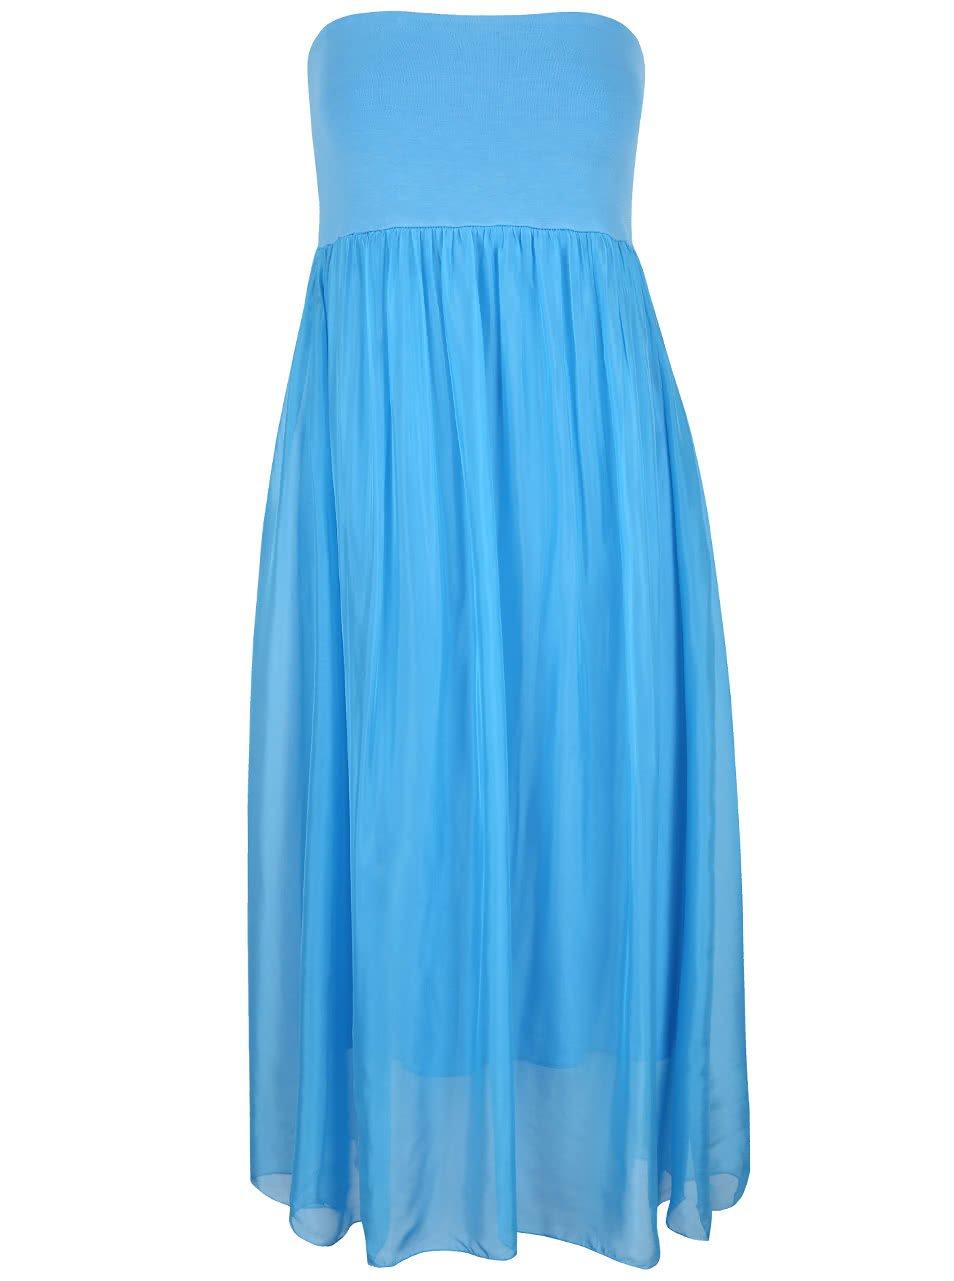 Světle modré šaty Alchymi Torenia